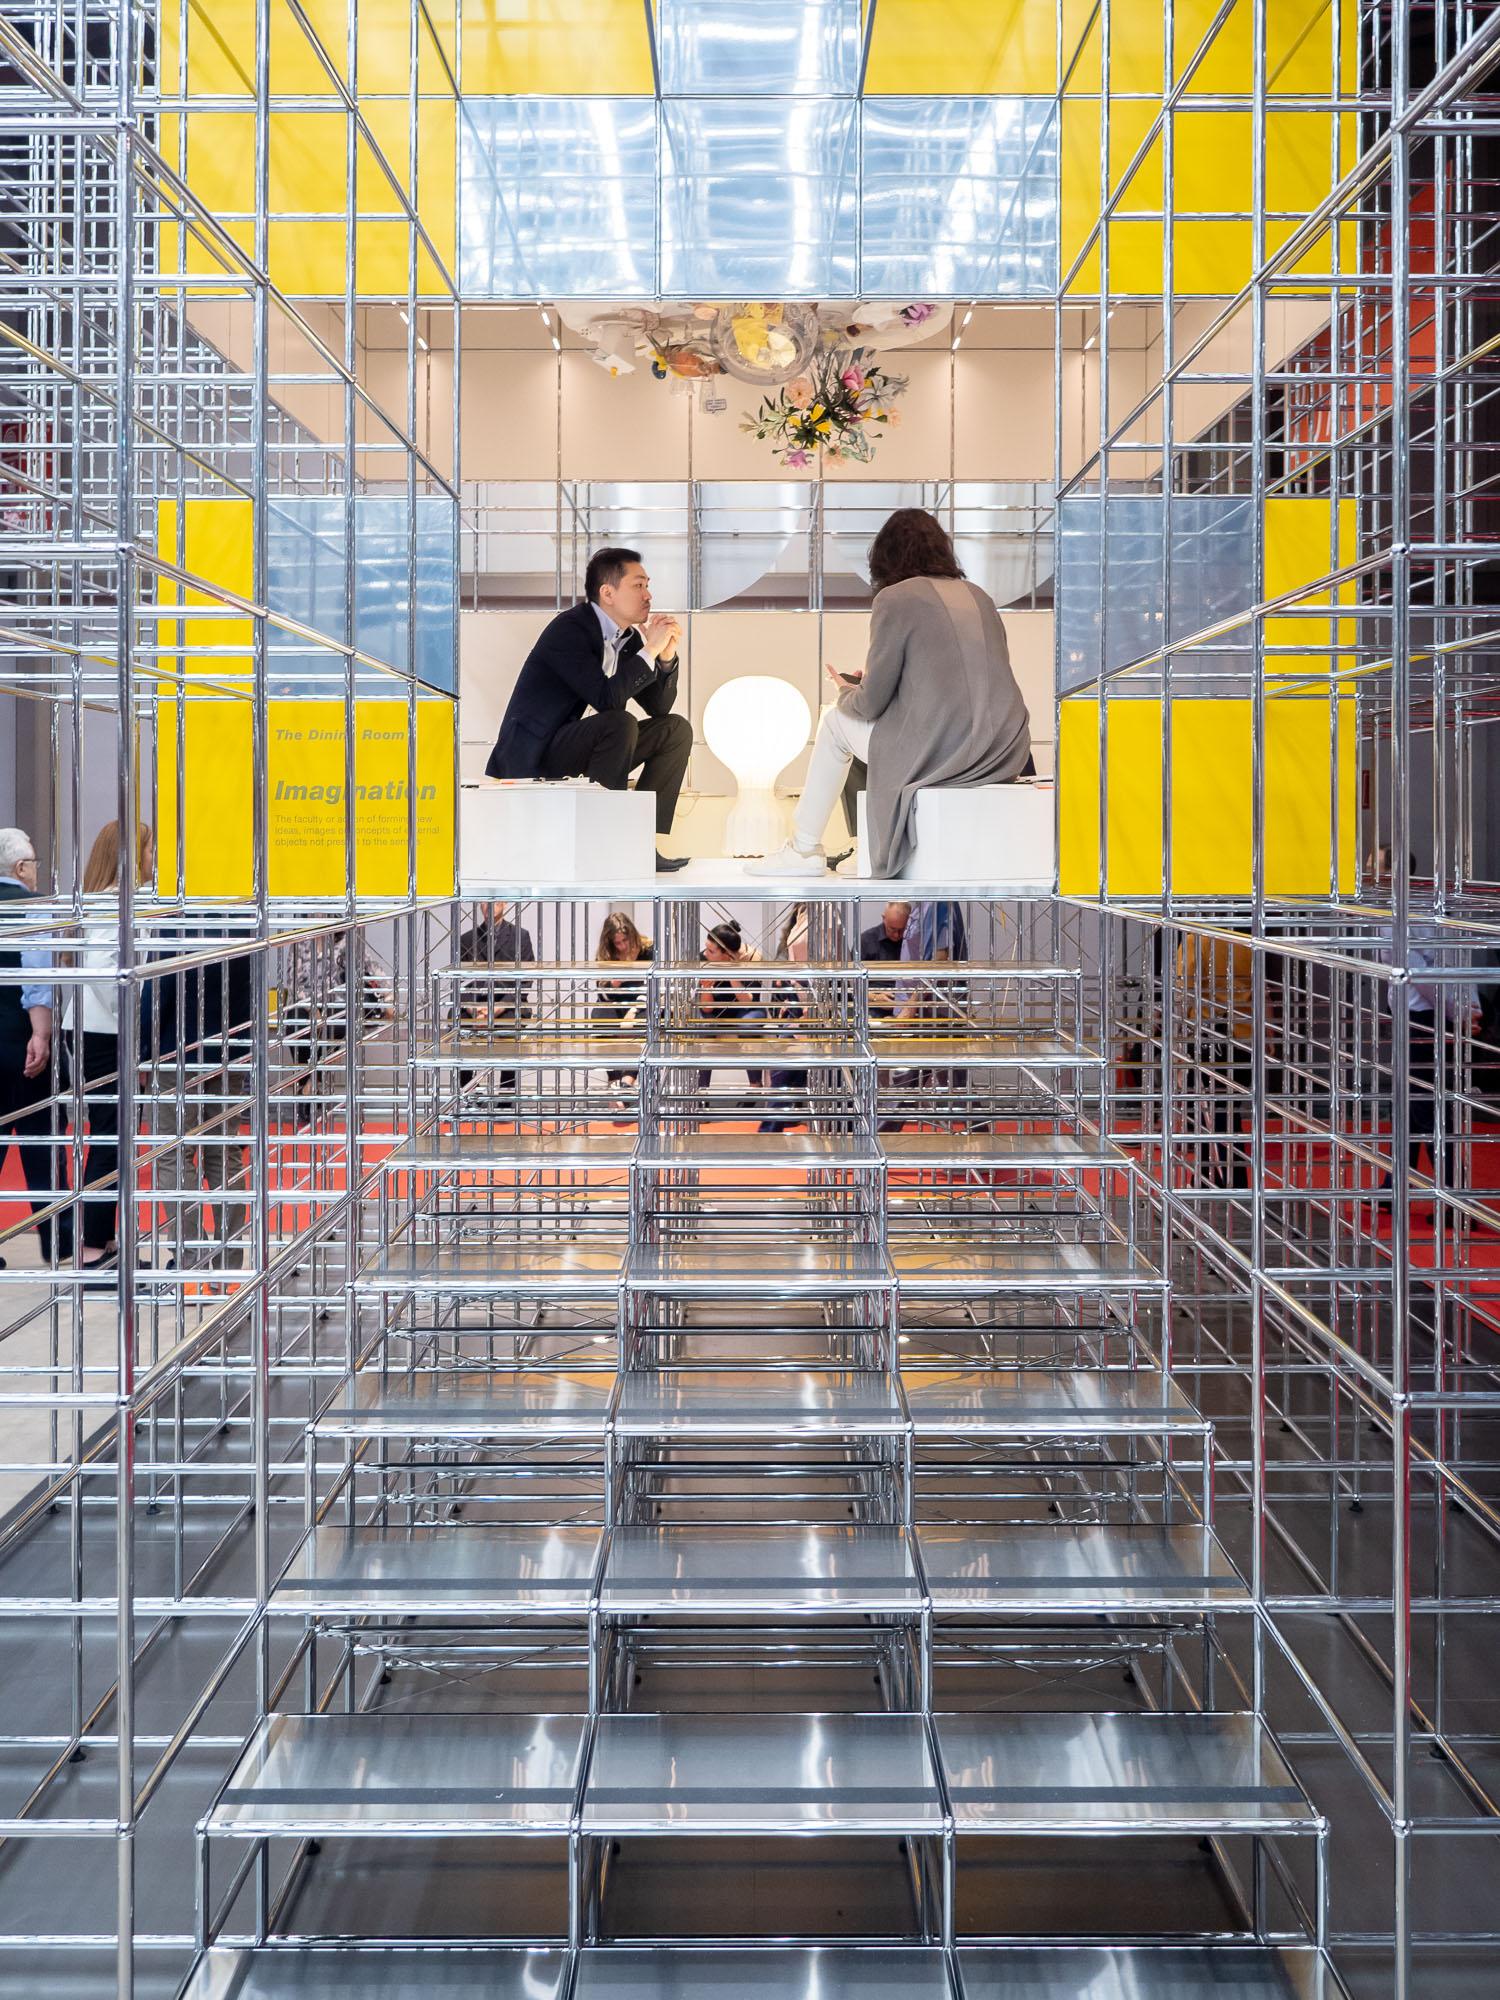 Milan Design Week: onde nacen as tendencias